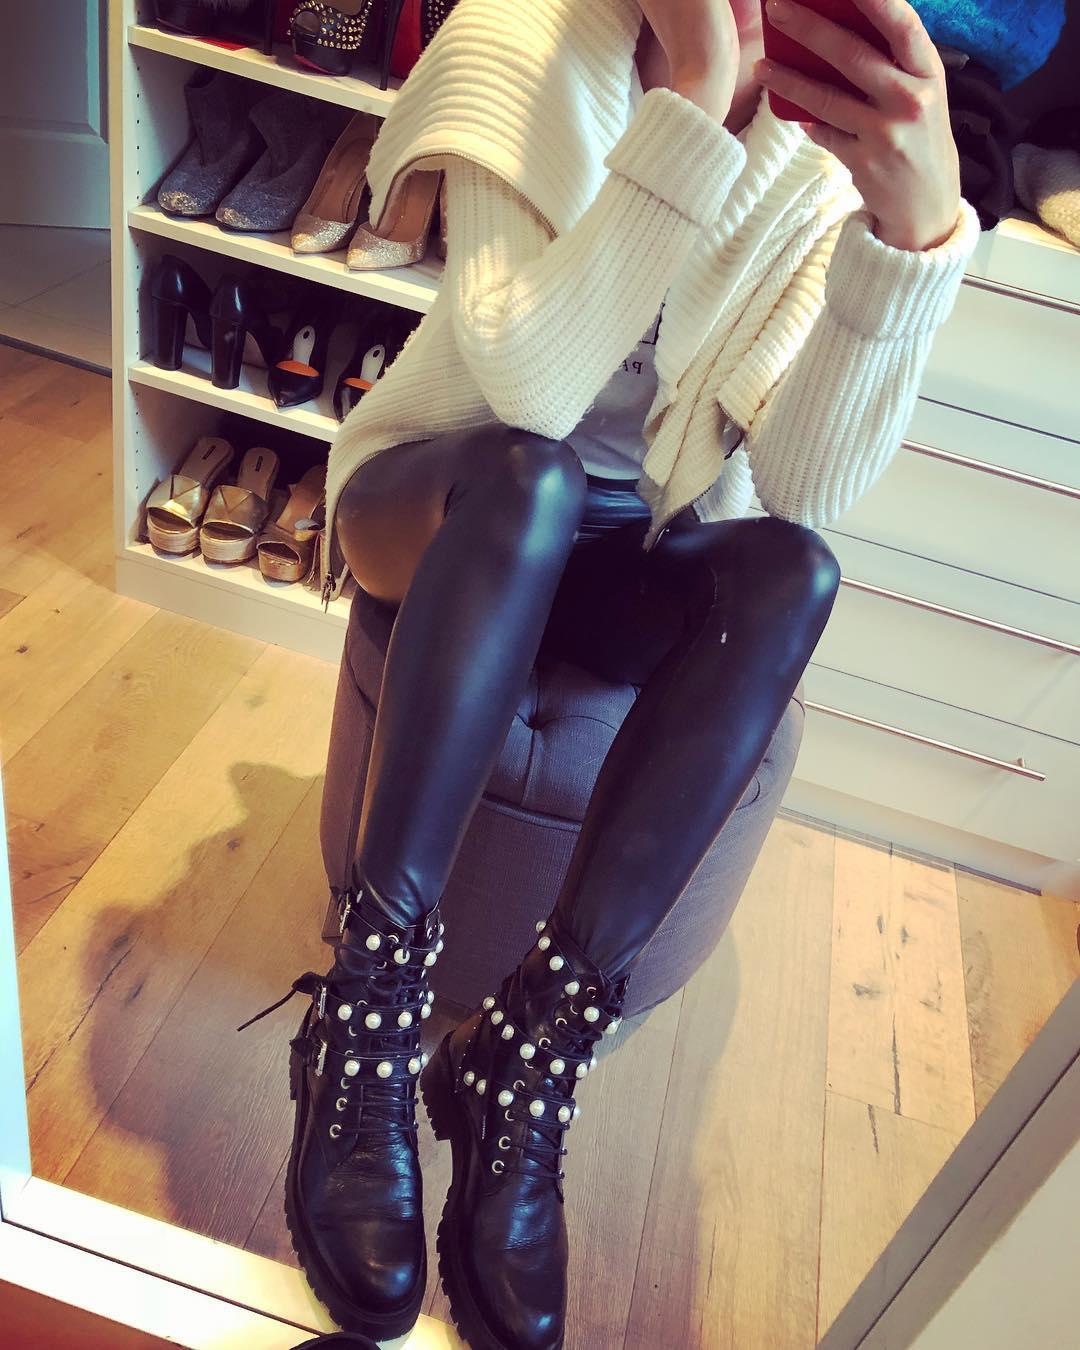 Đôi boots vừa bụi vừa sang chảnh công chúa này đang là món đồ hot nhất của Zara, tưởng chừng cả Instagram đều đang diện nó - Ảnh 6.